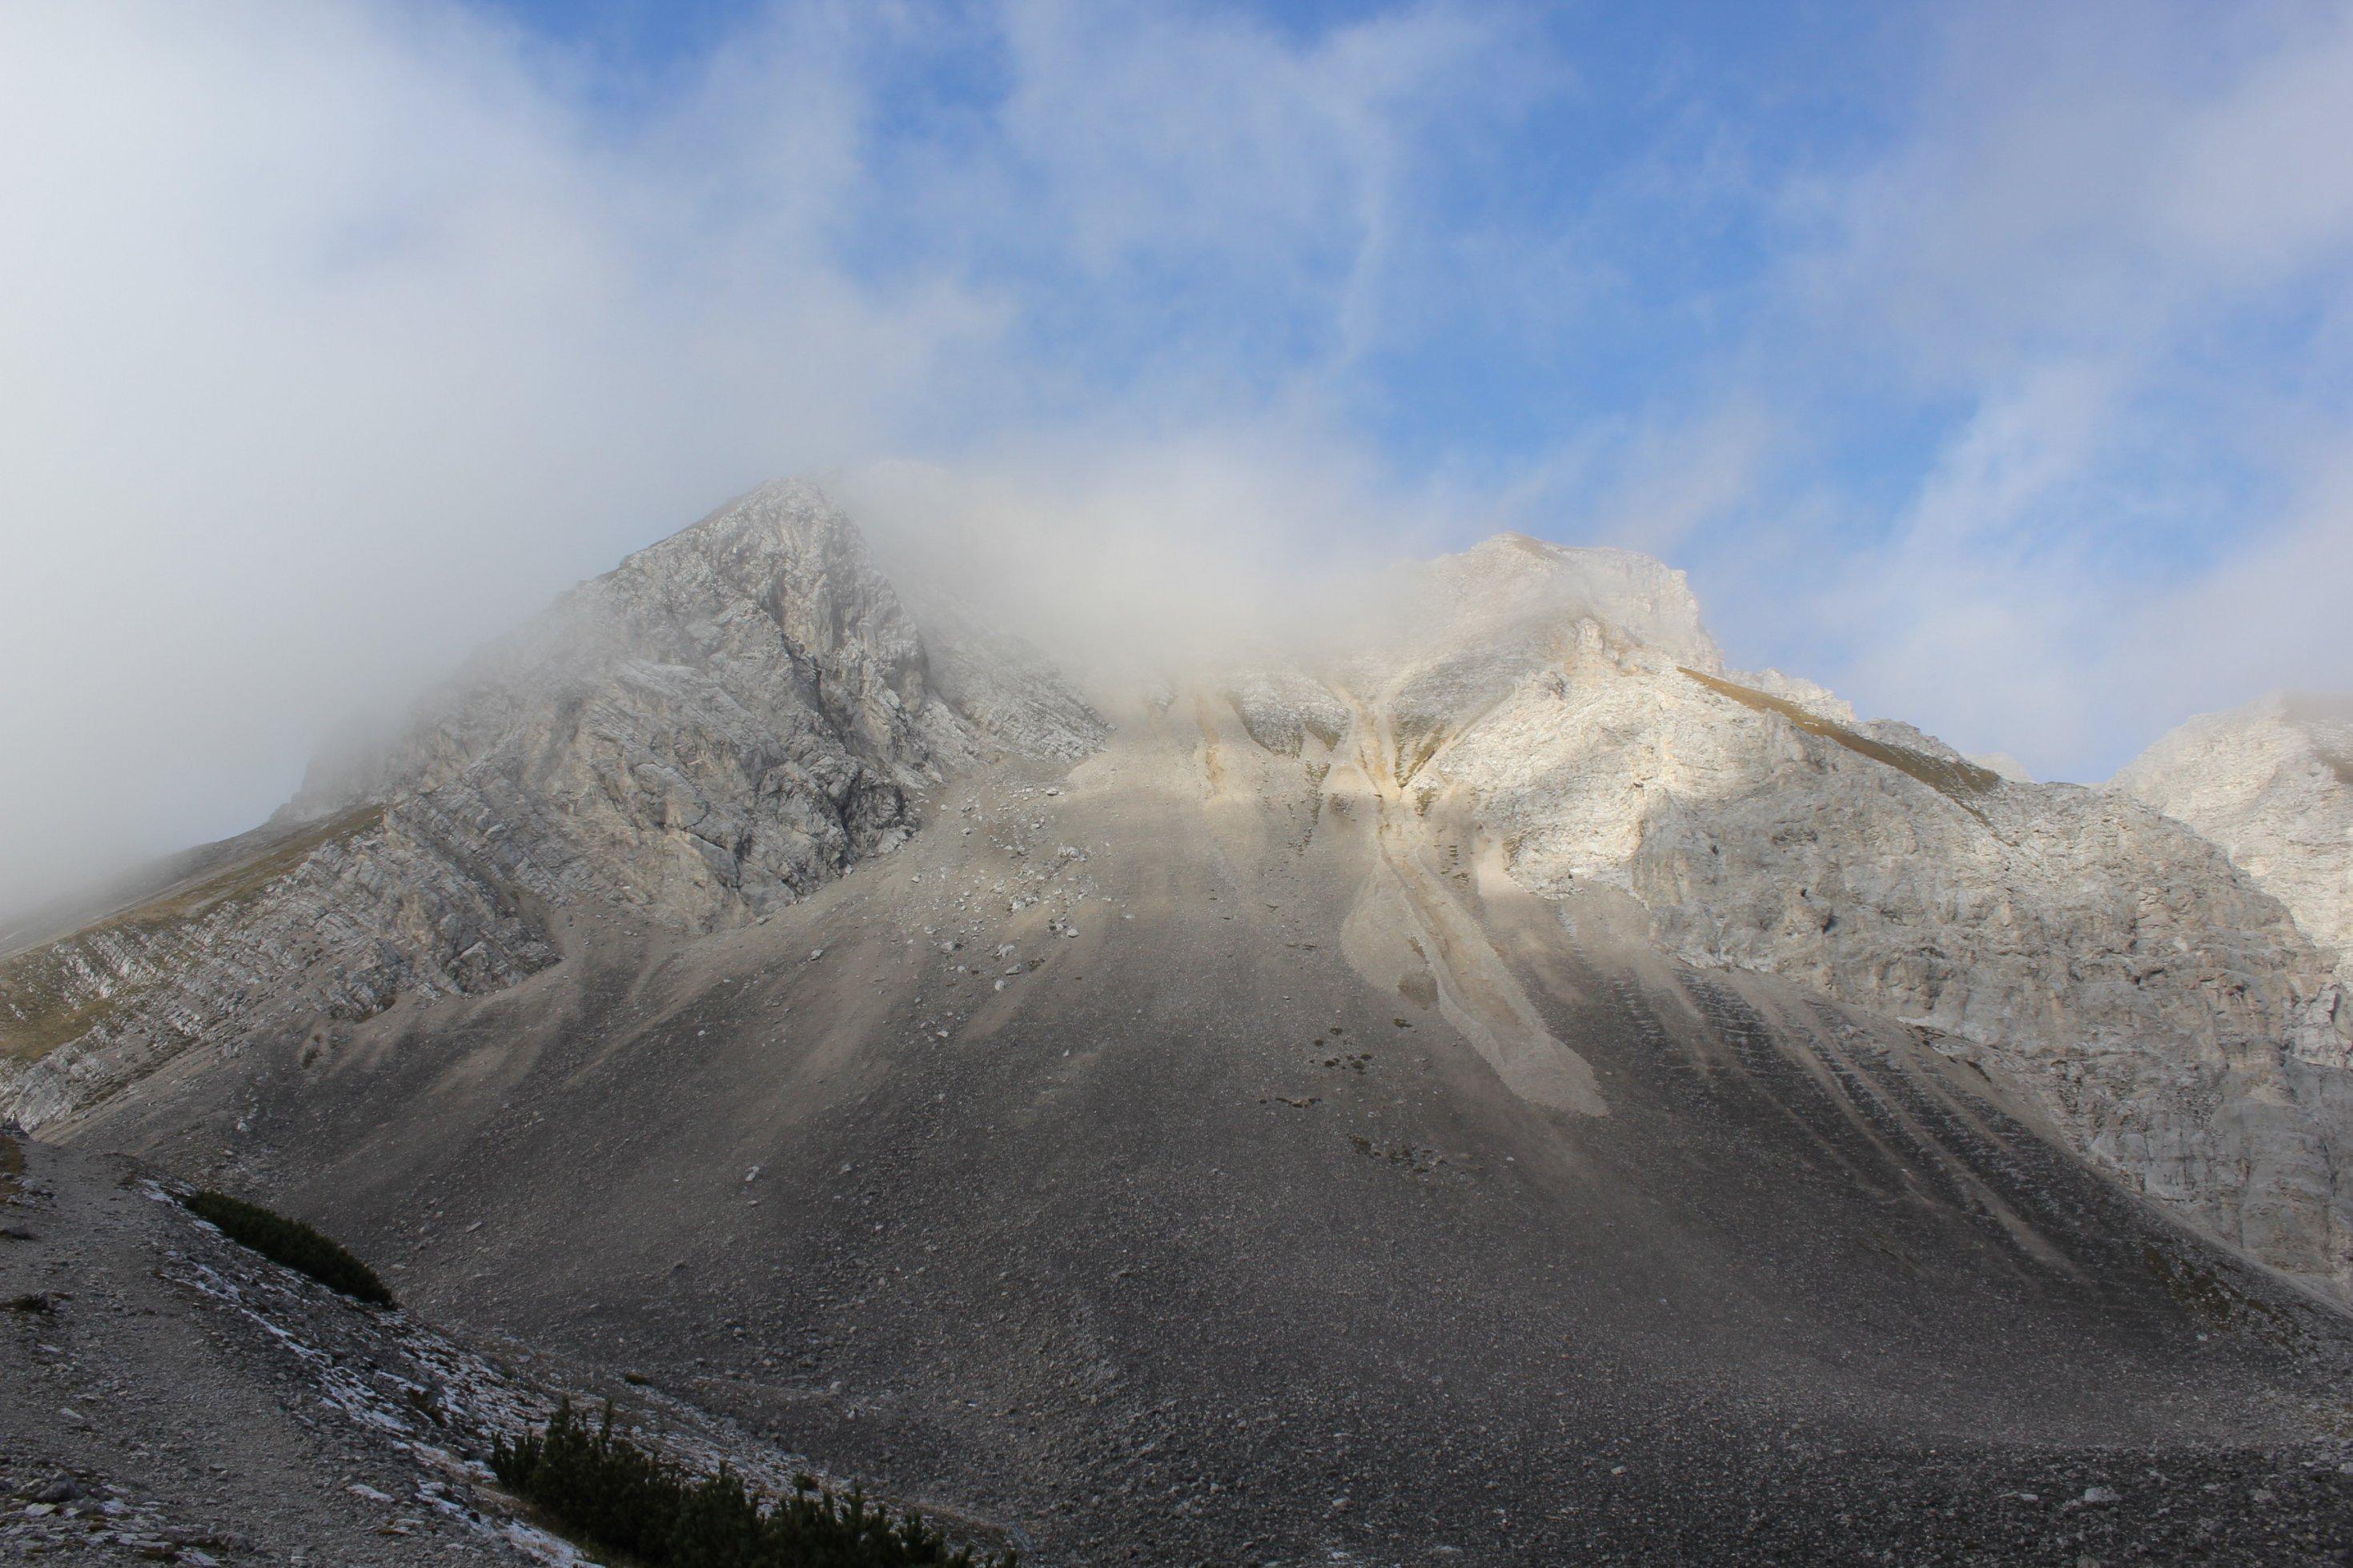 Ein Berg unter Wolken im Karwendelgebirge, Schauplatz des Szenarios.